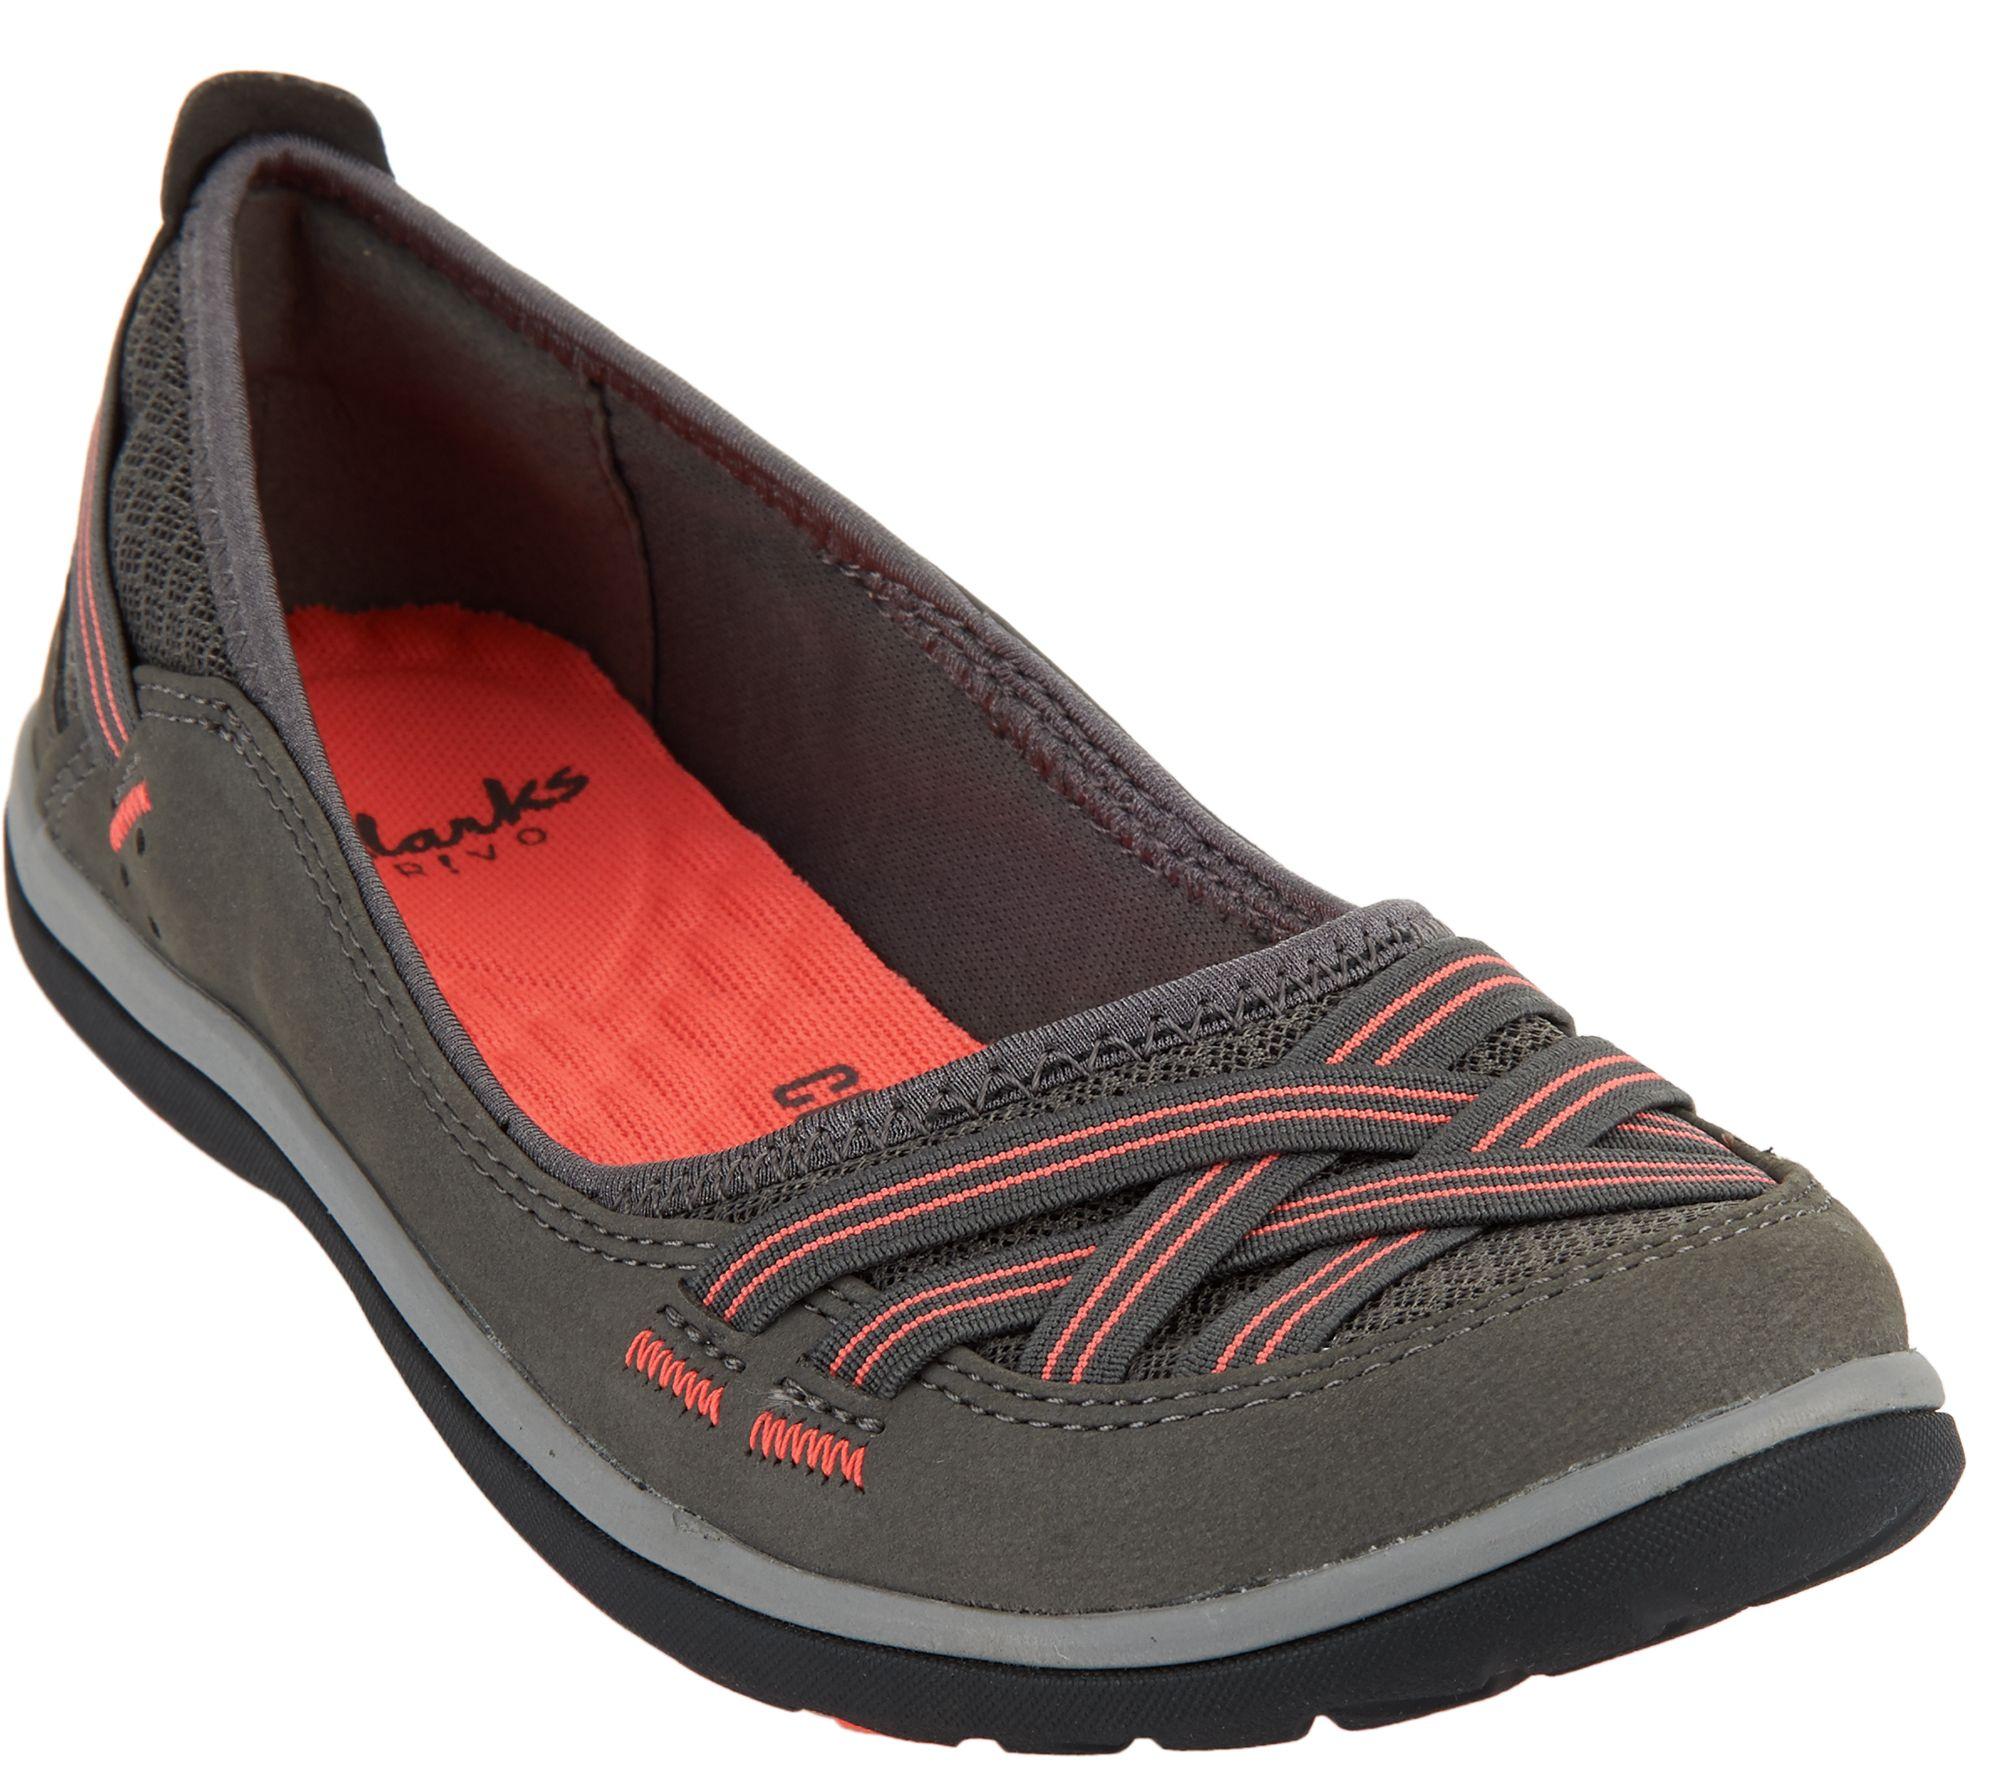 7ea5fa1c39bd Clarks Outdoor Slip-on Flats - Aria Pump - Page 1 — QVC.com